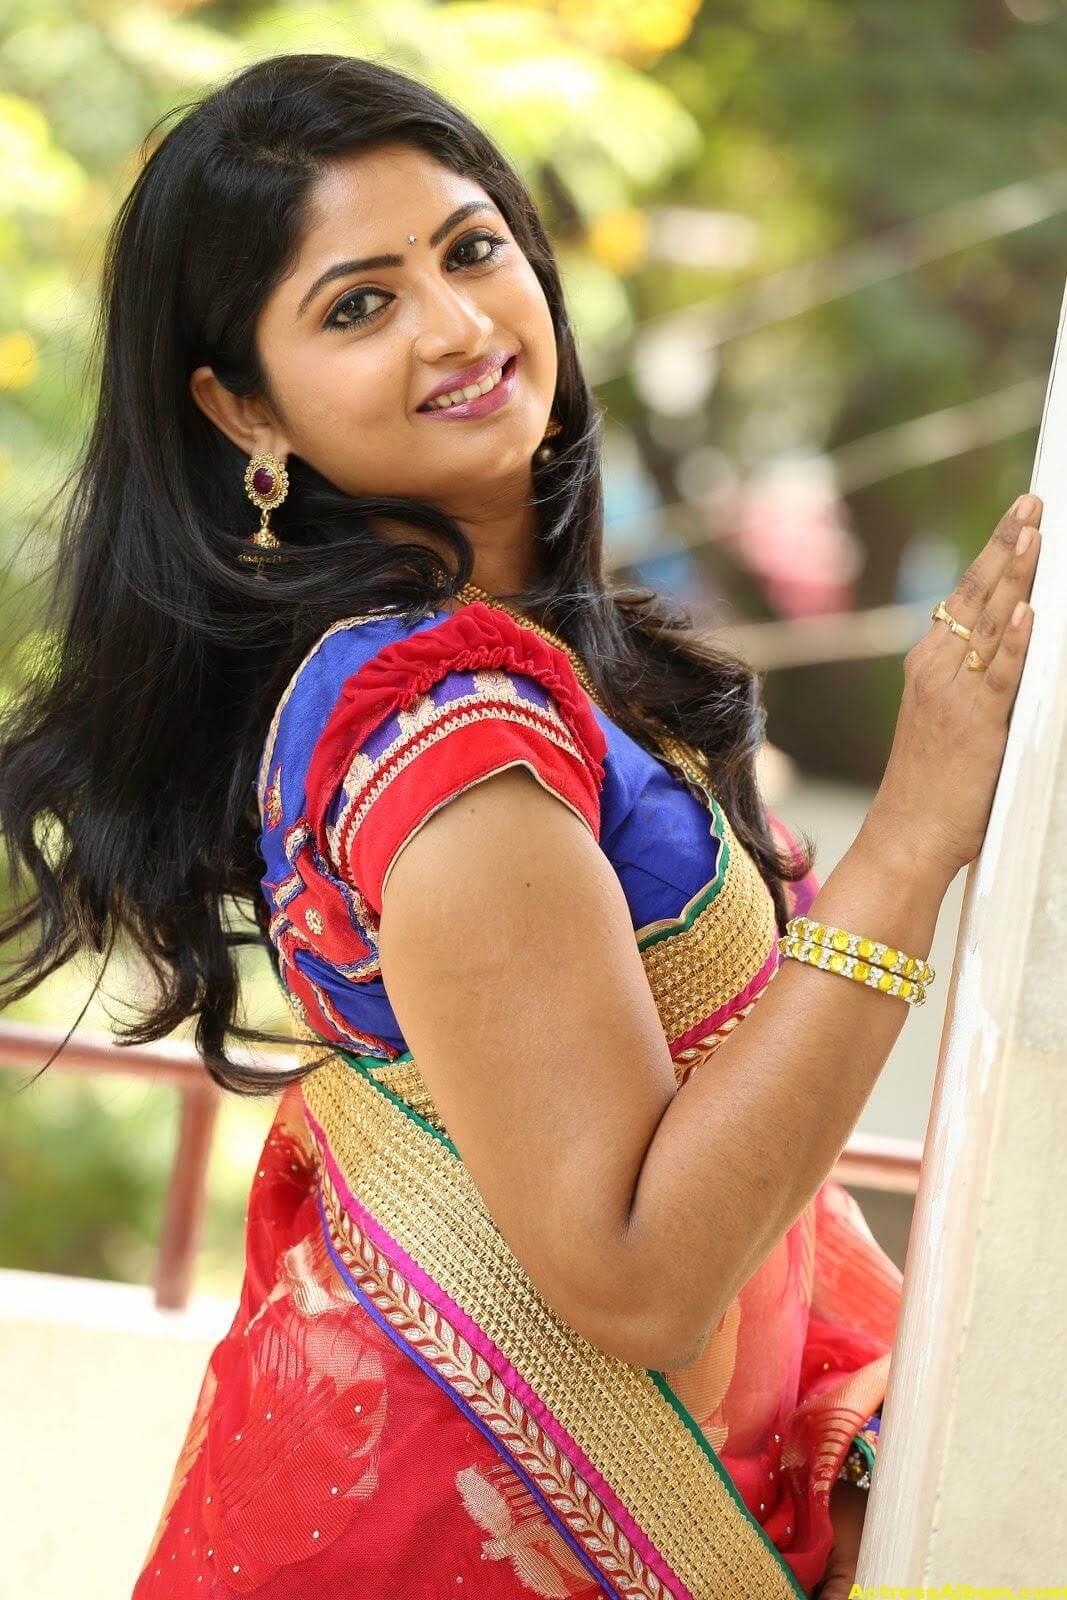 Telugu Tv Actress Mounica Hot Photos In Red Saree -7885